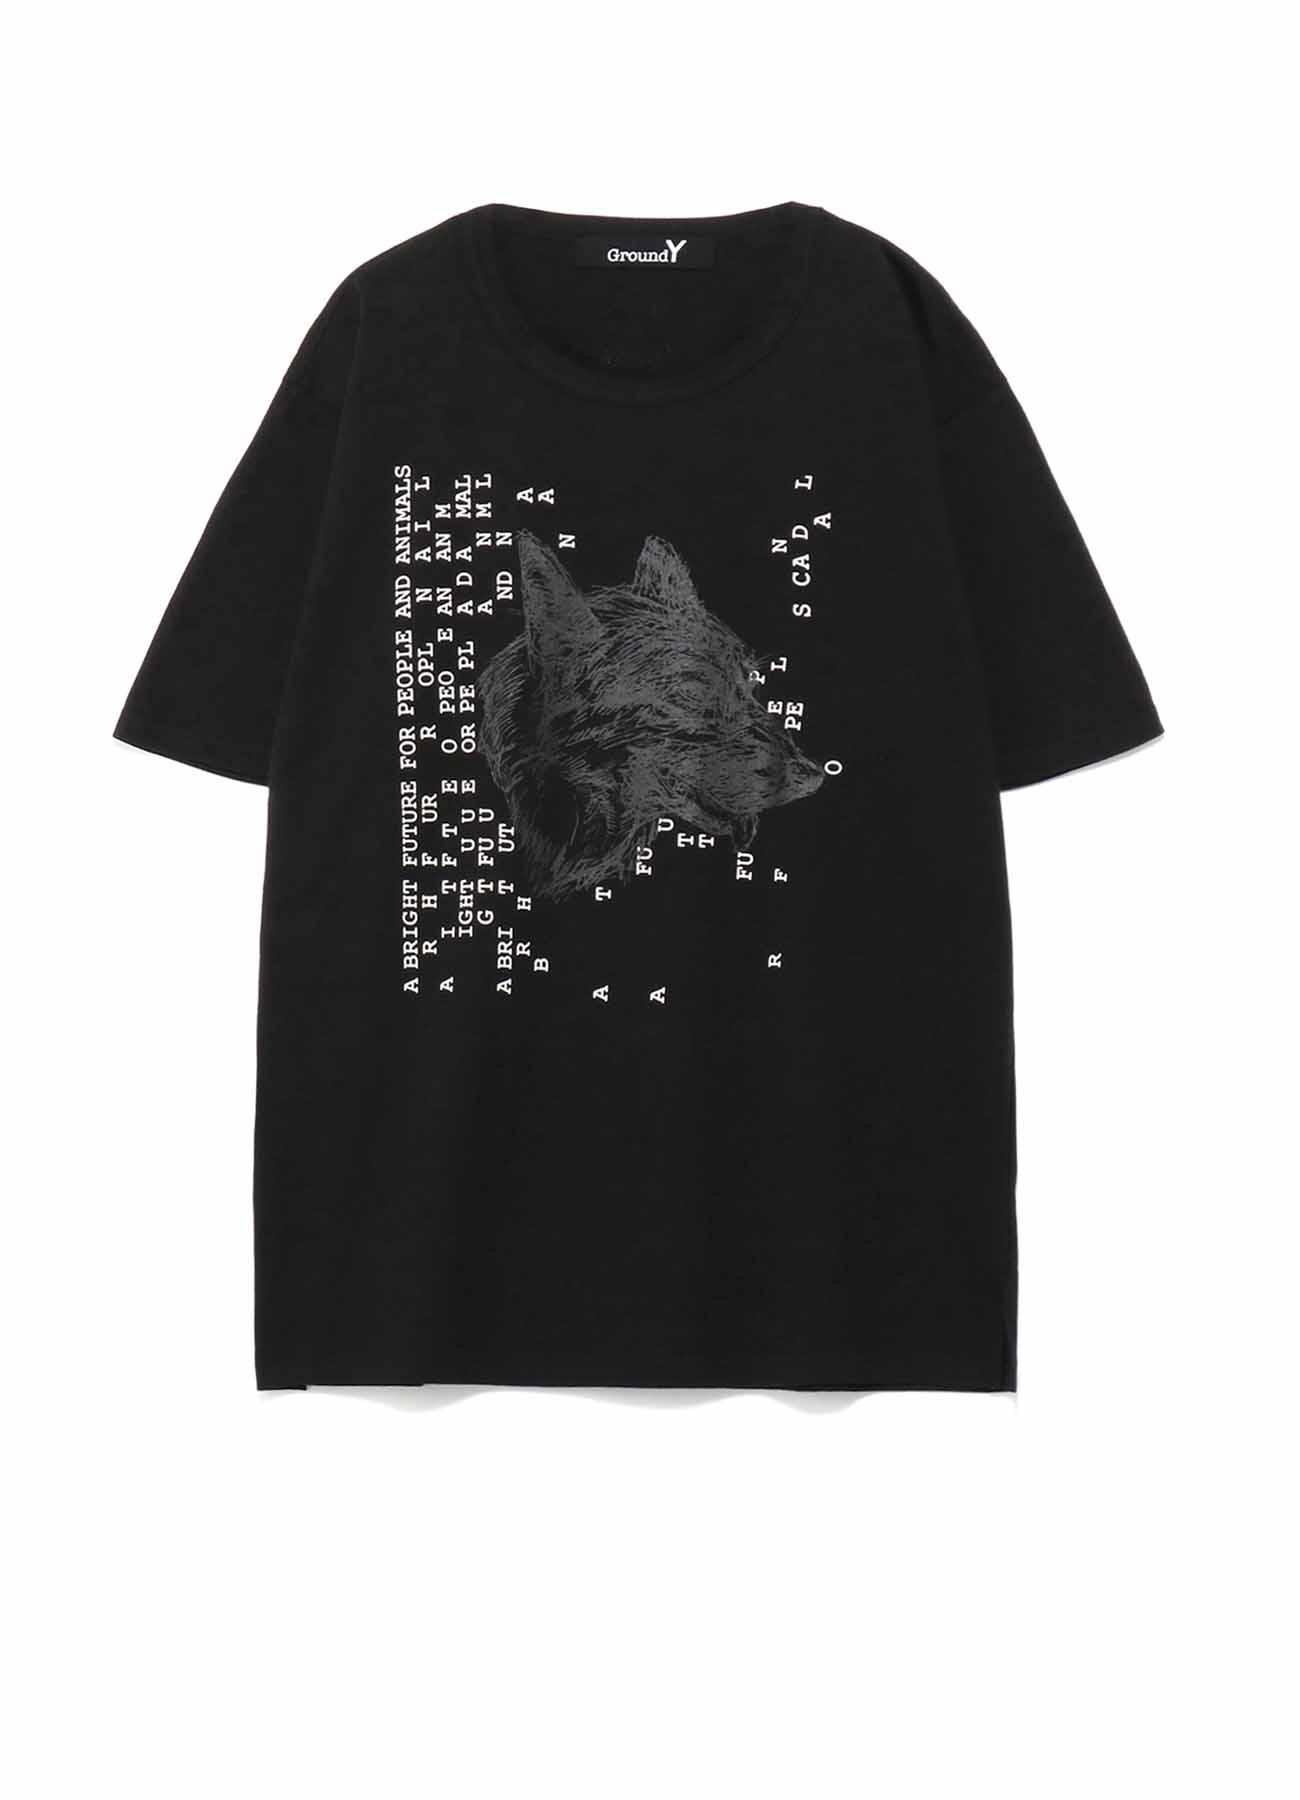 Ground Y×SCANDAL Collaboration 【HARUNA】Tshirt